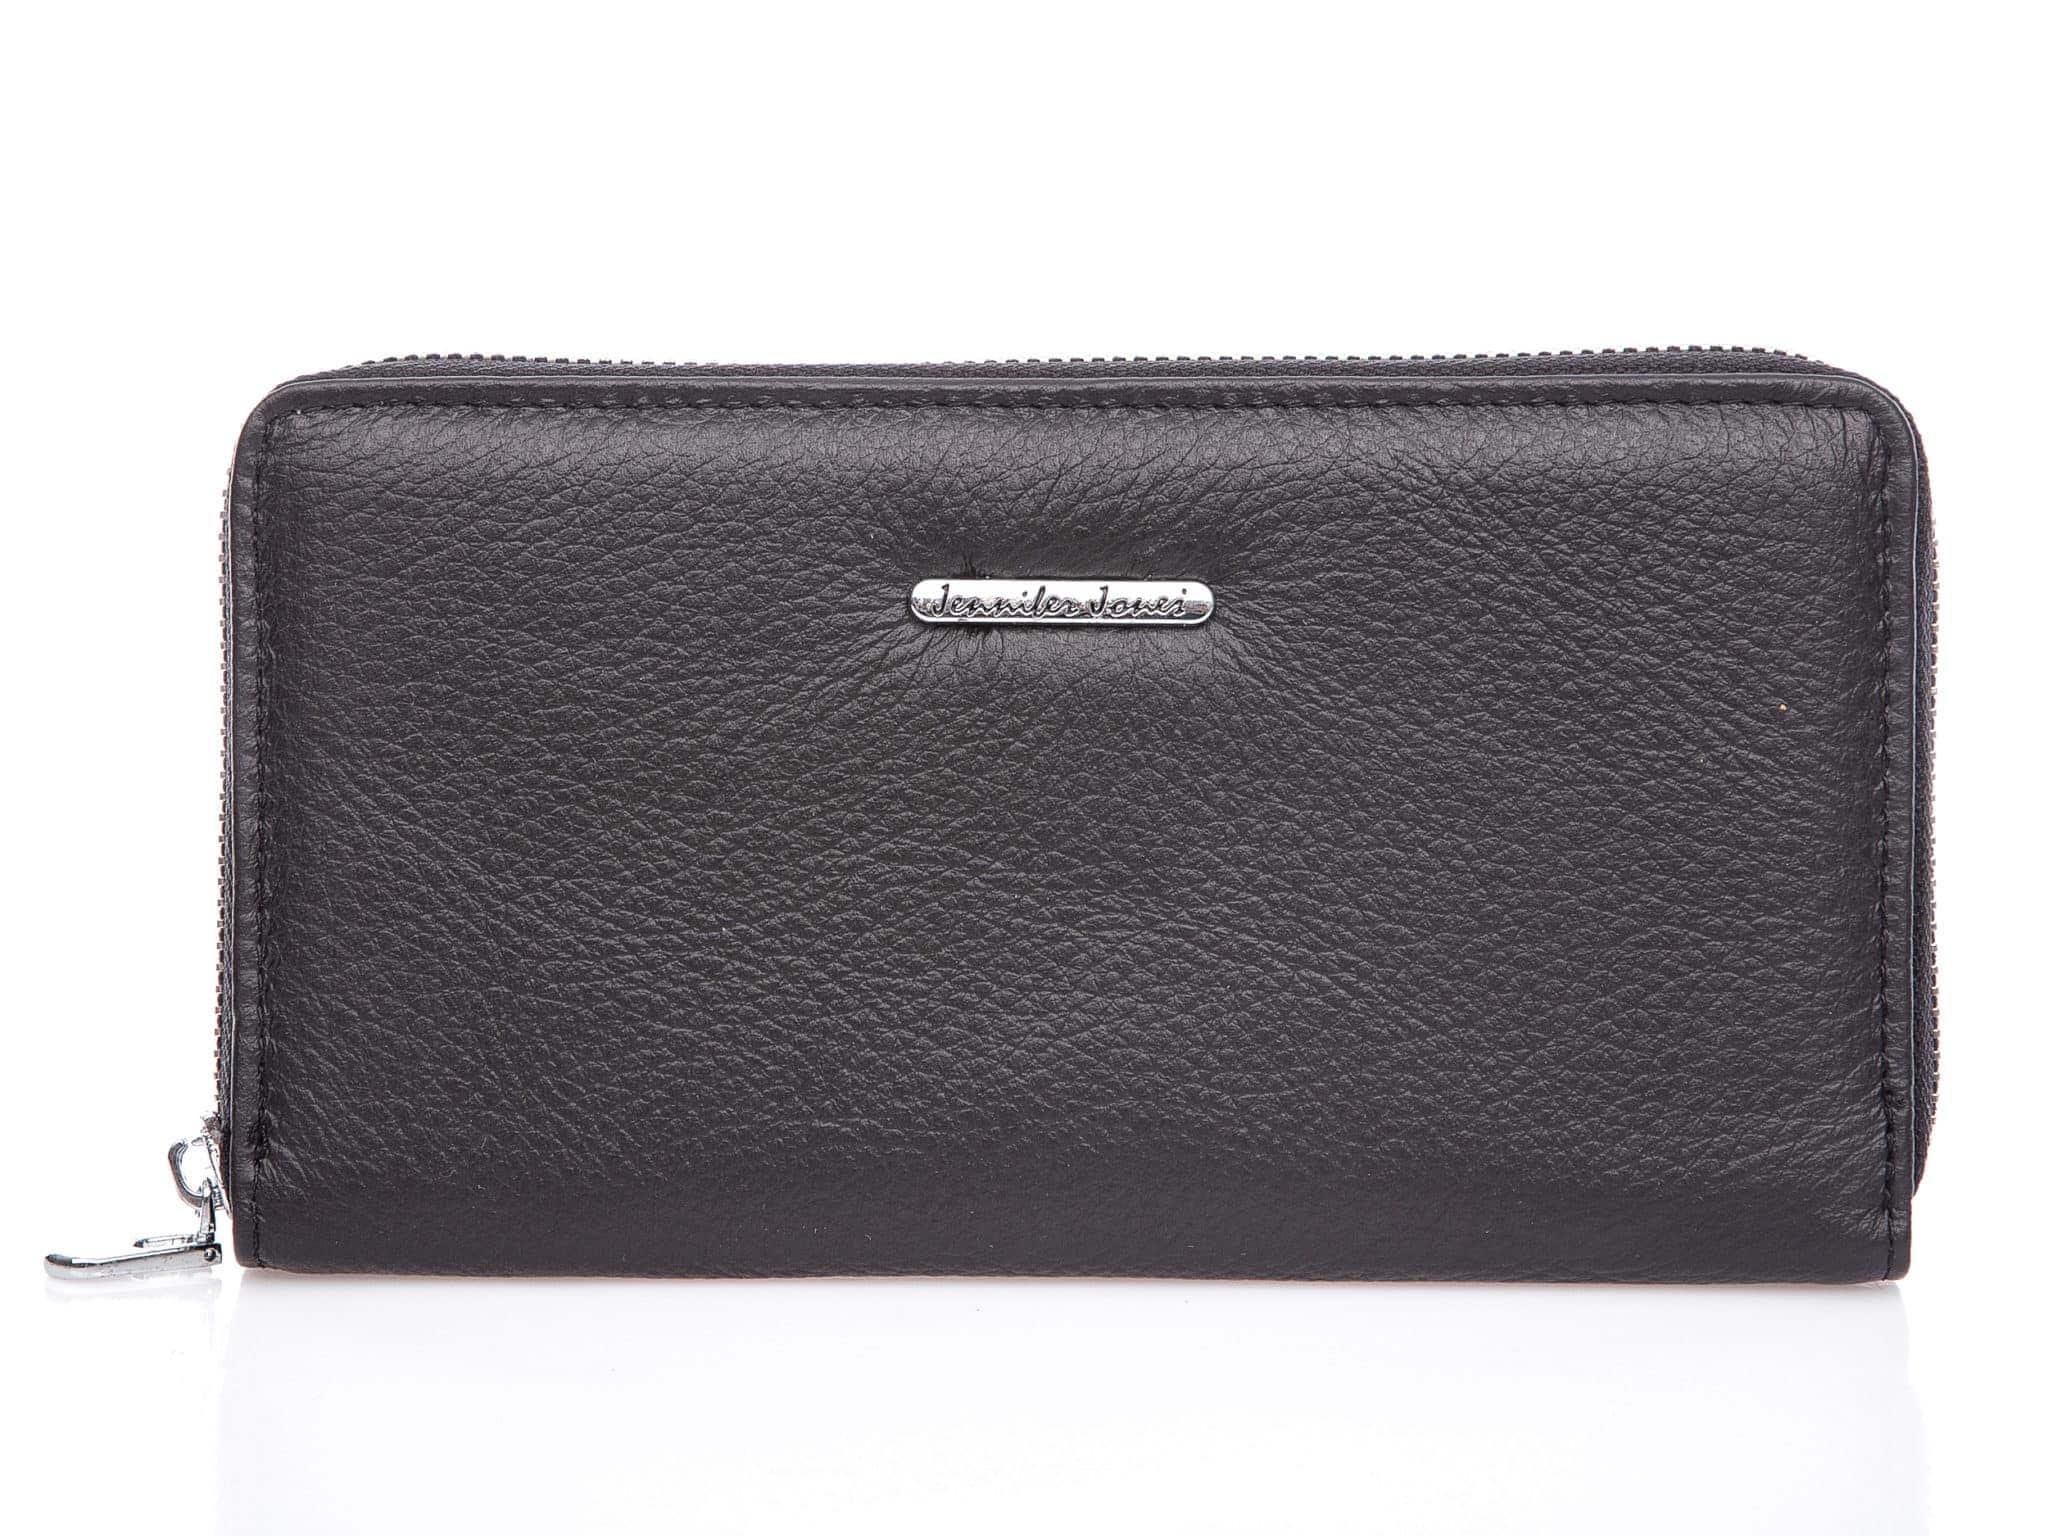 Czarny portfel damski piórnik z matowej skóry naturalnej